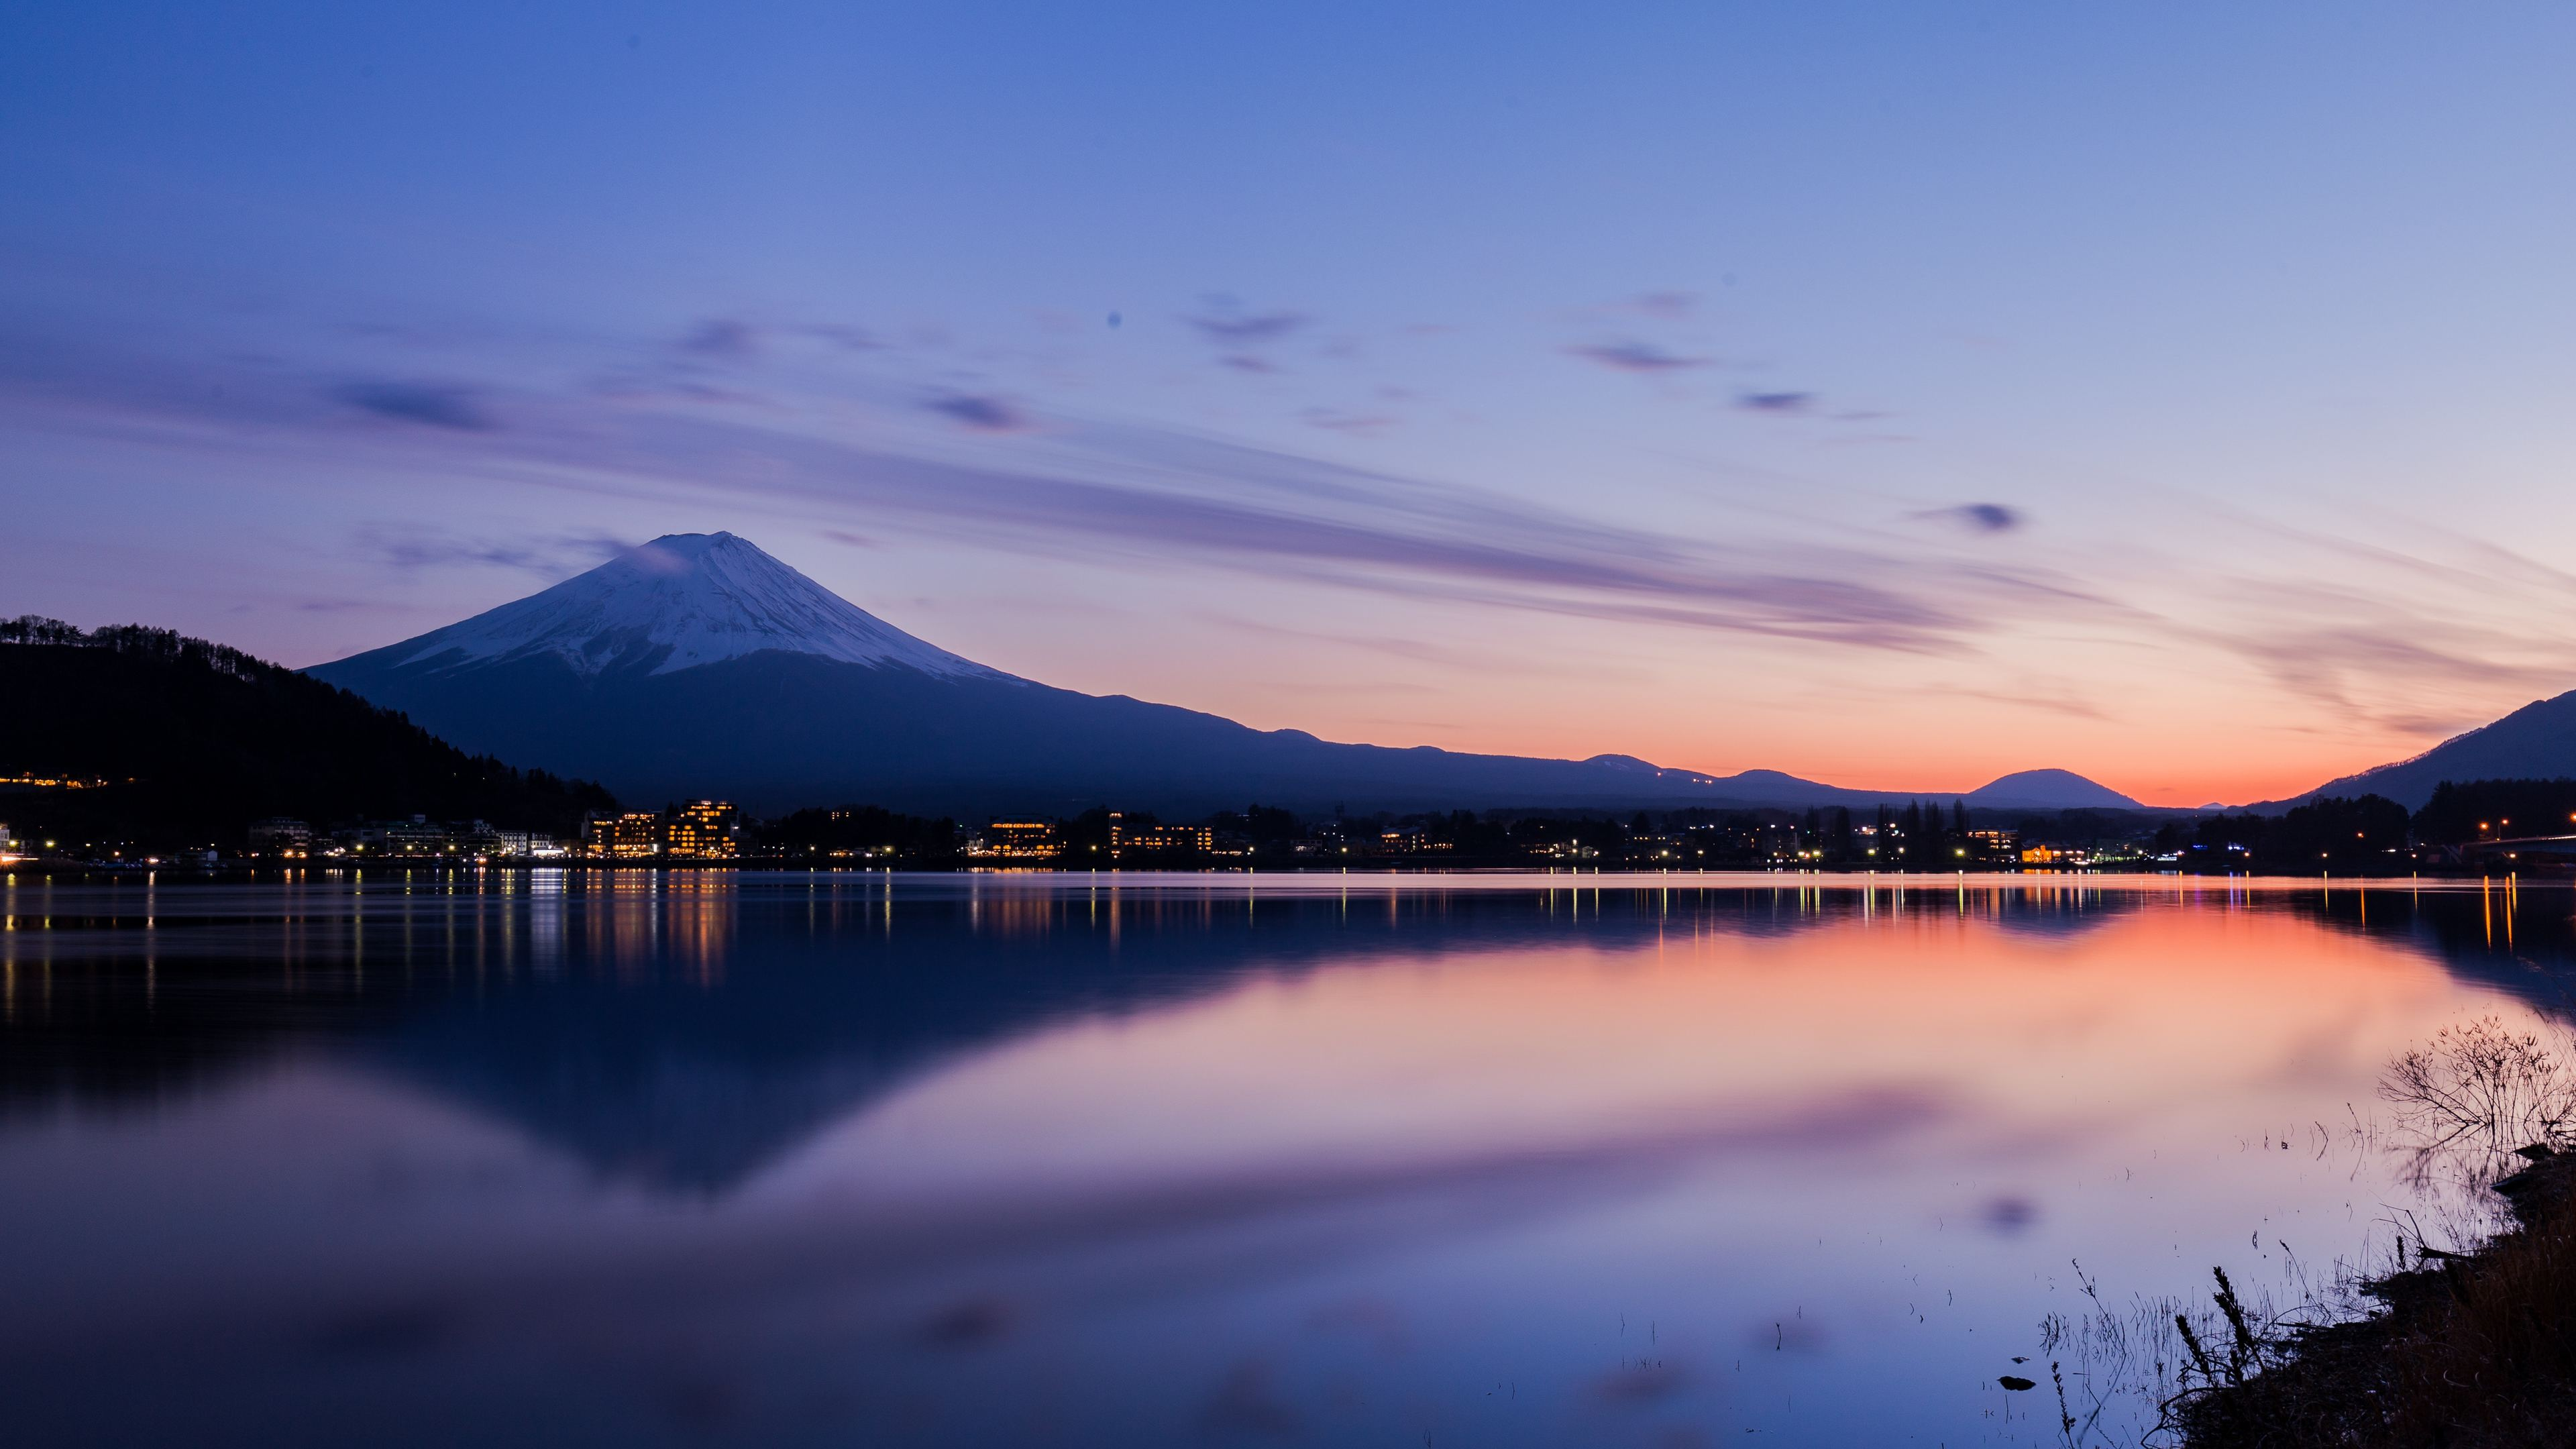 2048x2048 Lake Ultra Hd 4k Ipad Air Hd 4k Wallpapers: Lake Kawaguchi In Japan 4k Reflections Wallpapers, Nature